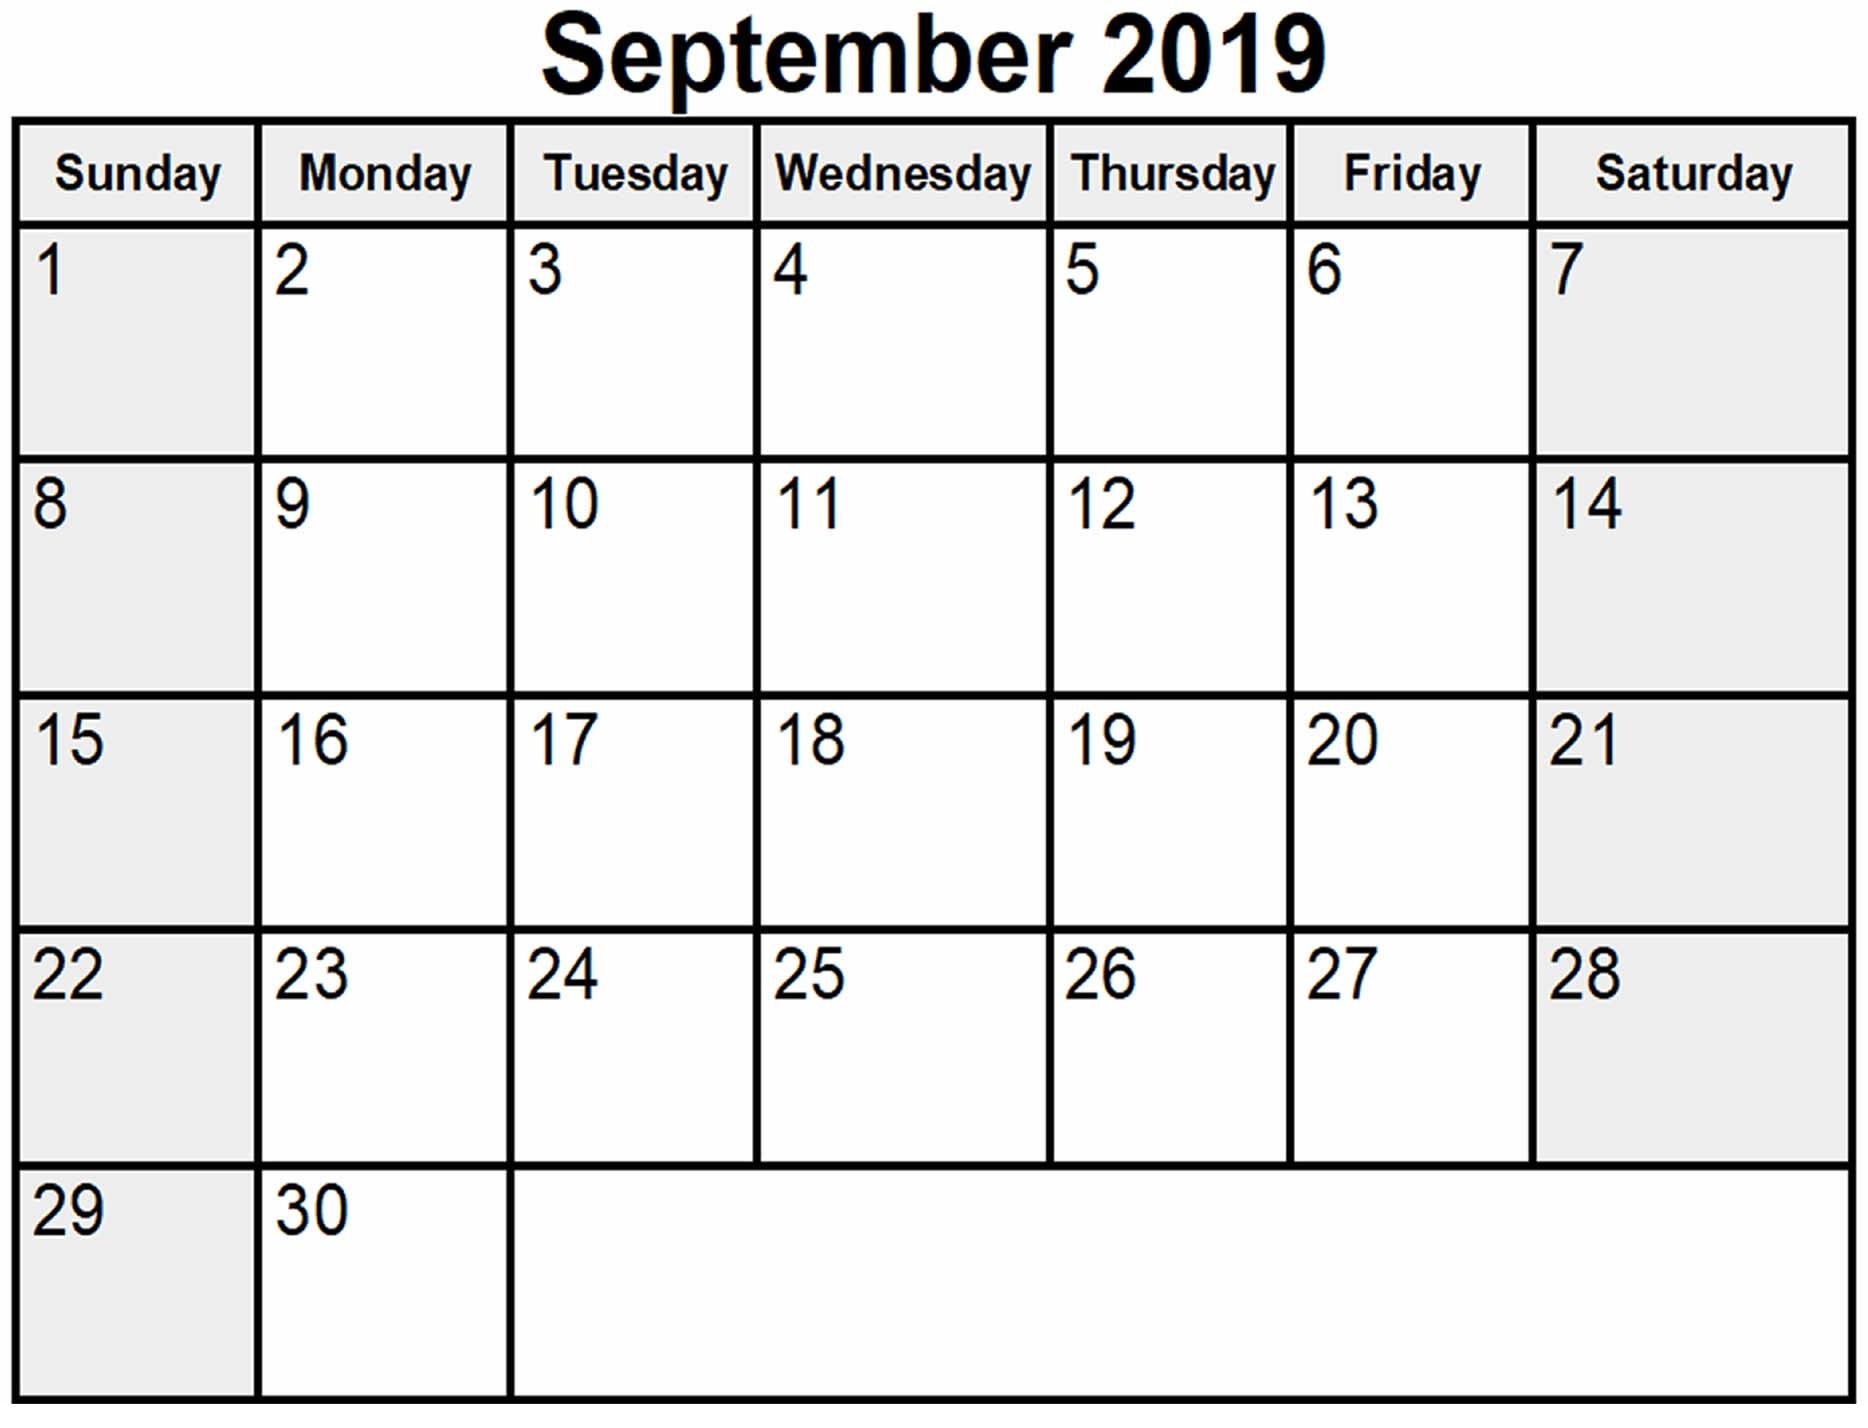 September 2019 Blank Calendar